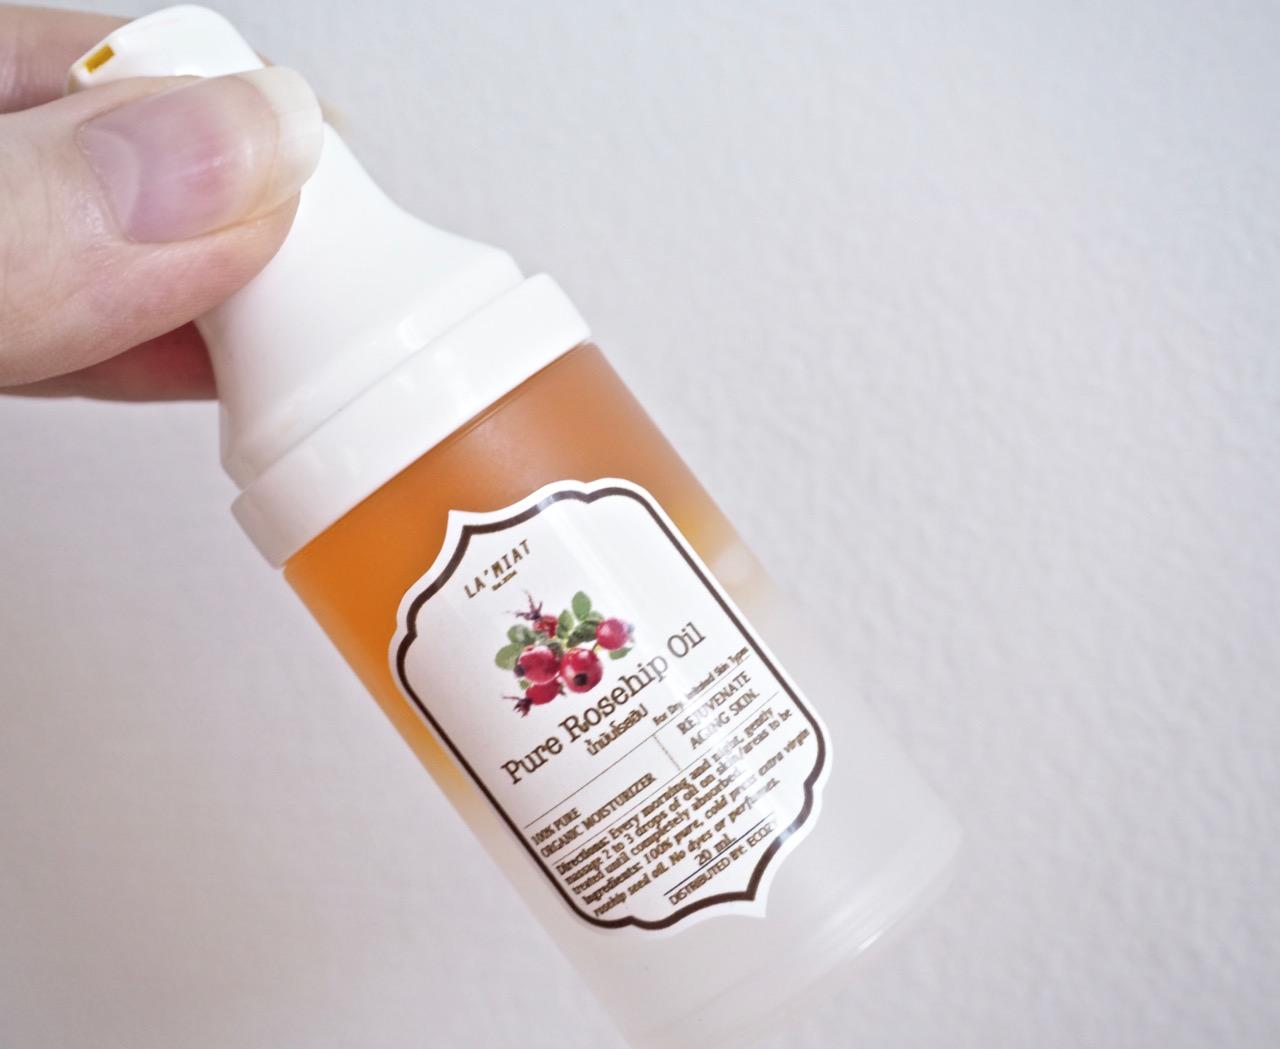 Ostolakossa Rosehip Oil Ruusunmarjaöljy kokemuksia - 1 (1)